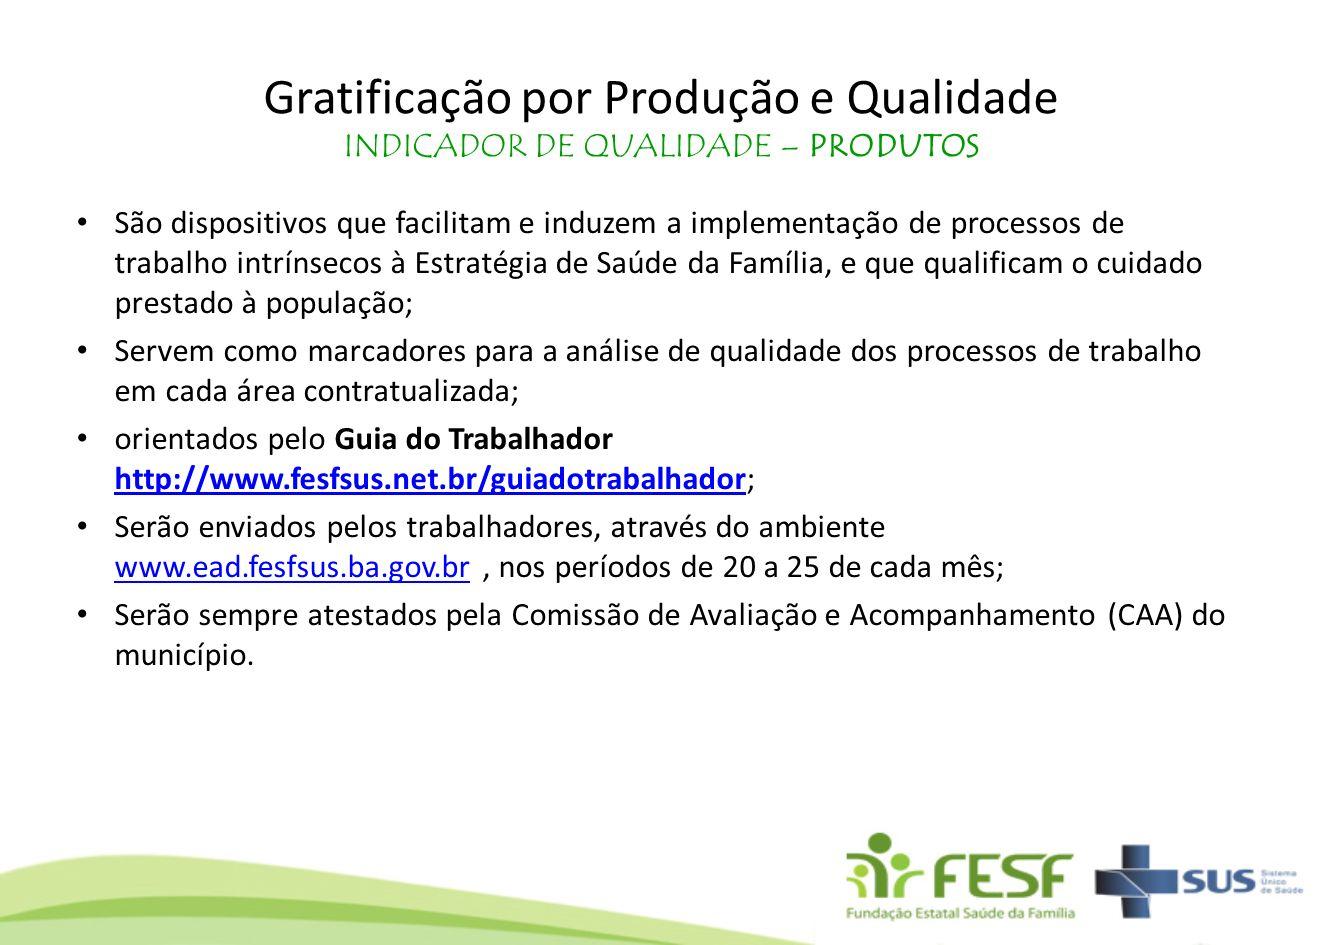 Gratificação por Produção e Qualidade INDICADOR DE QUALIDADE – PRODUTOS